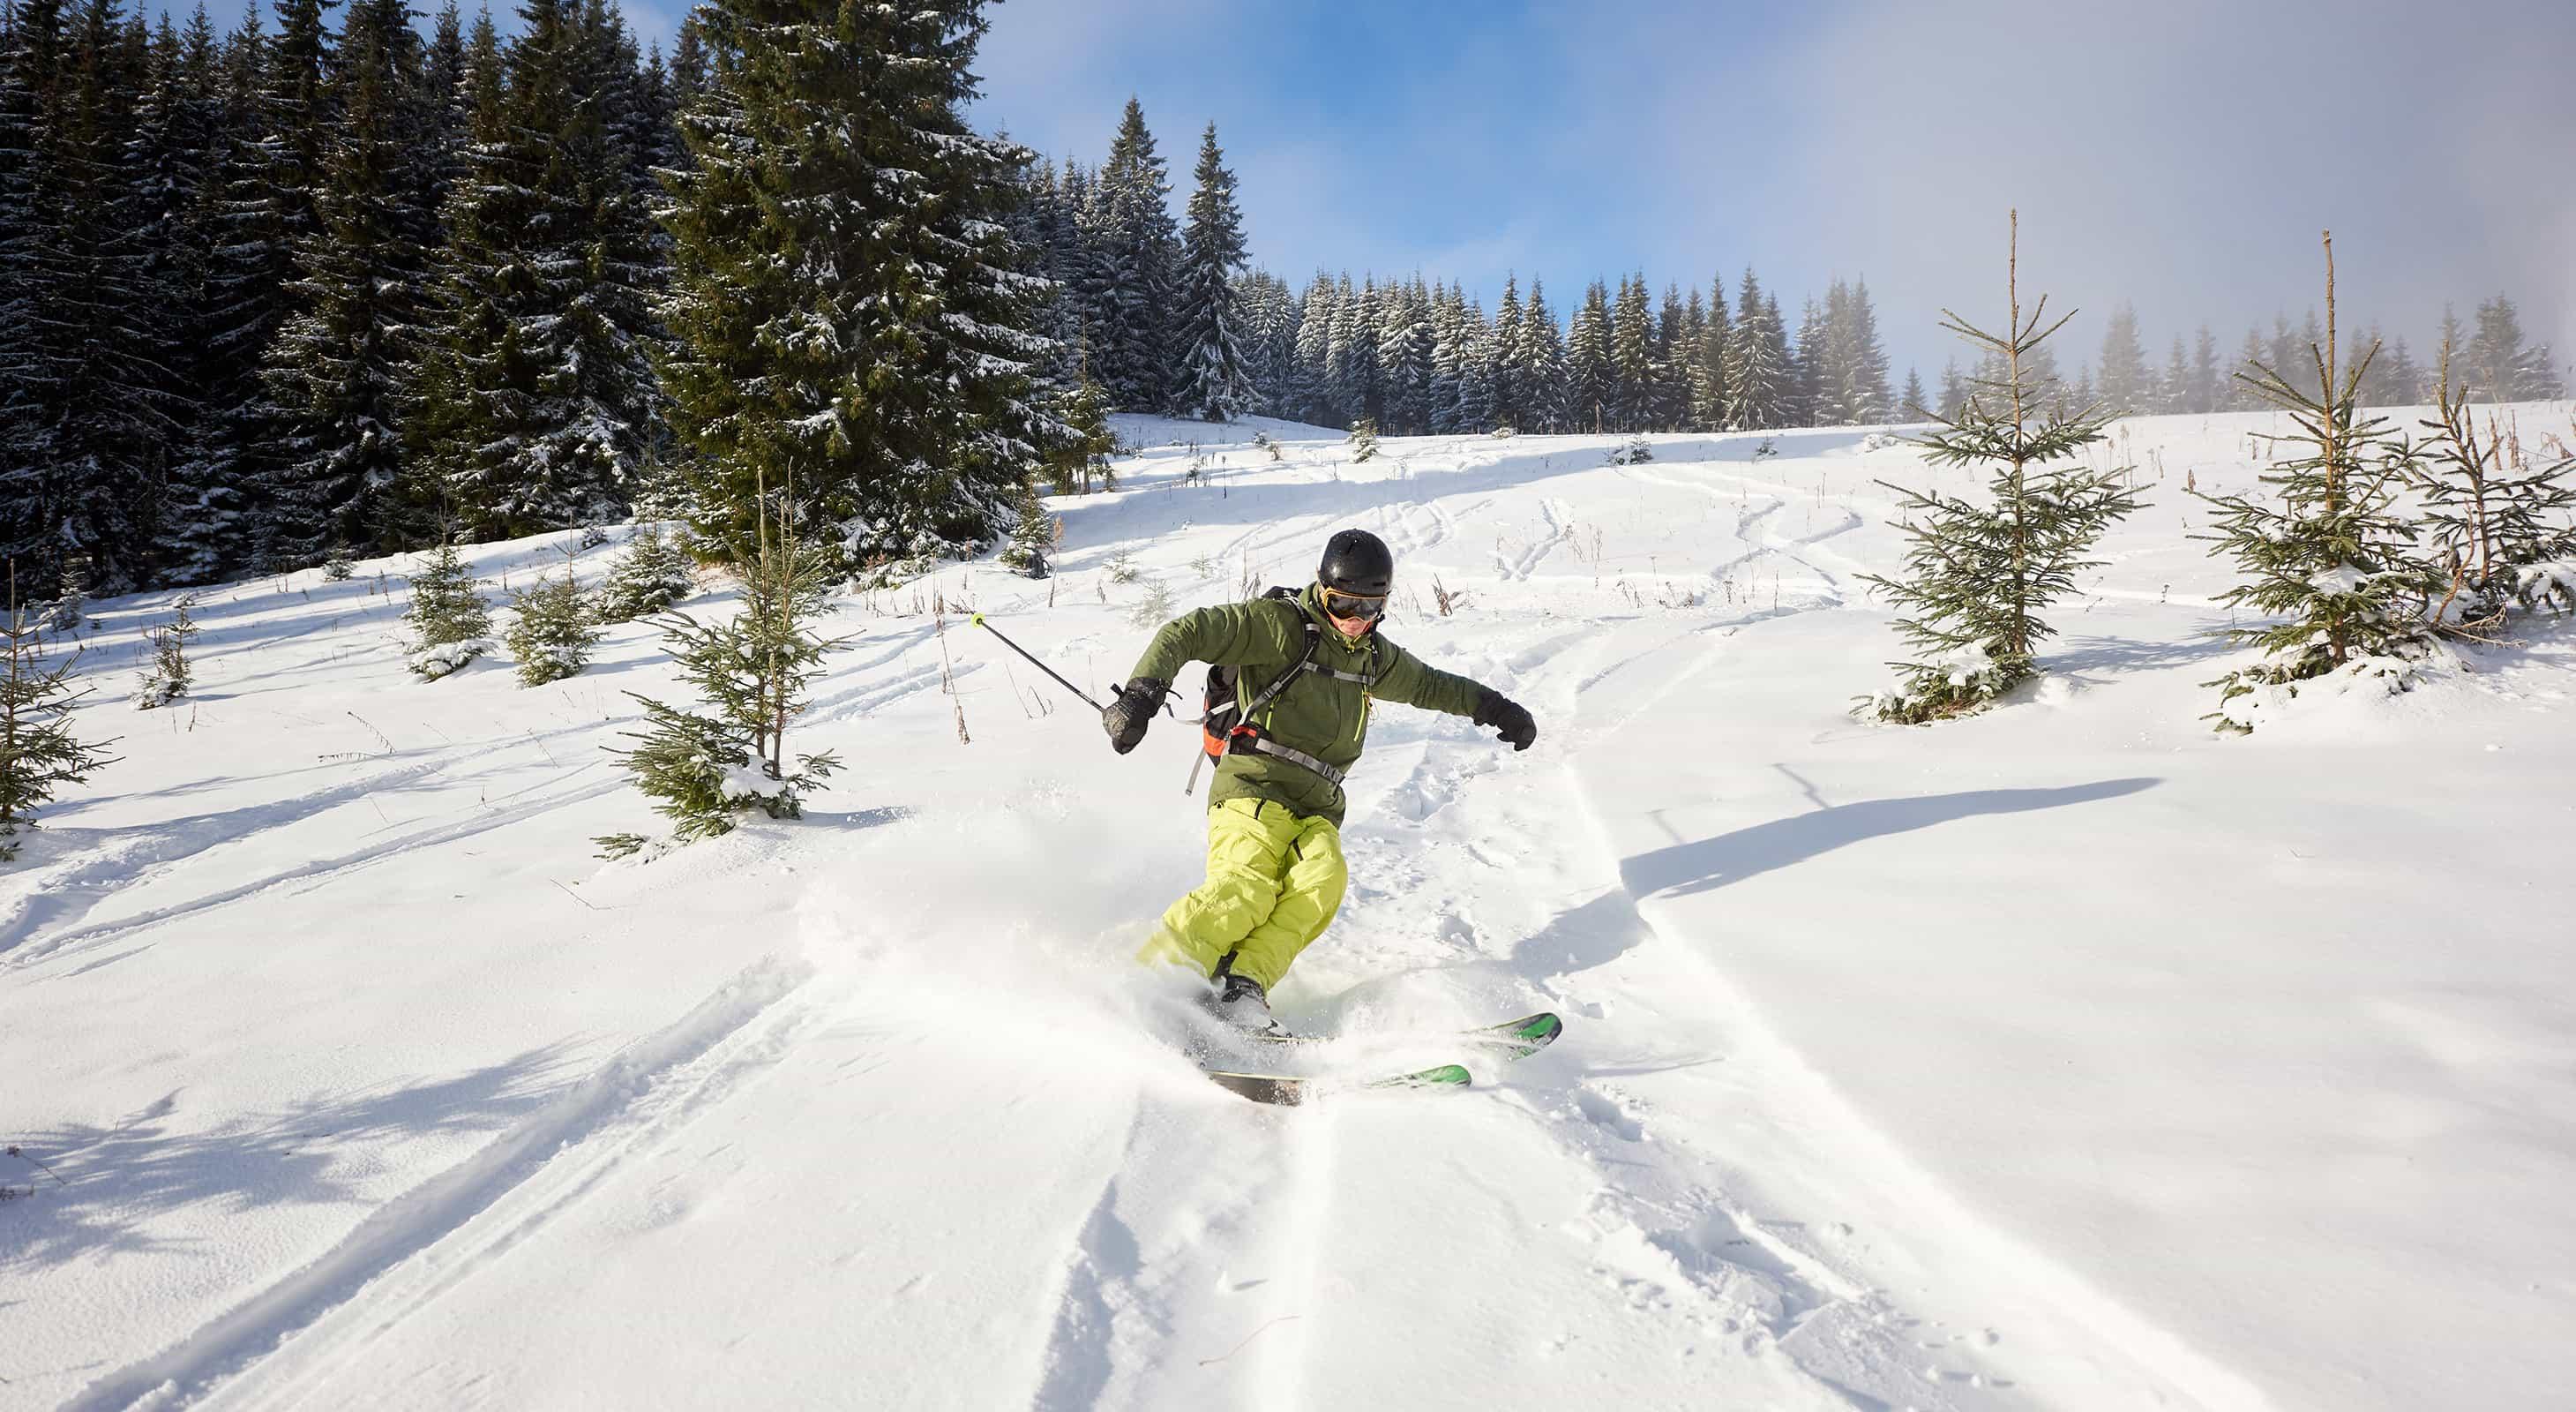 Skiing at Camden Snow Bowl